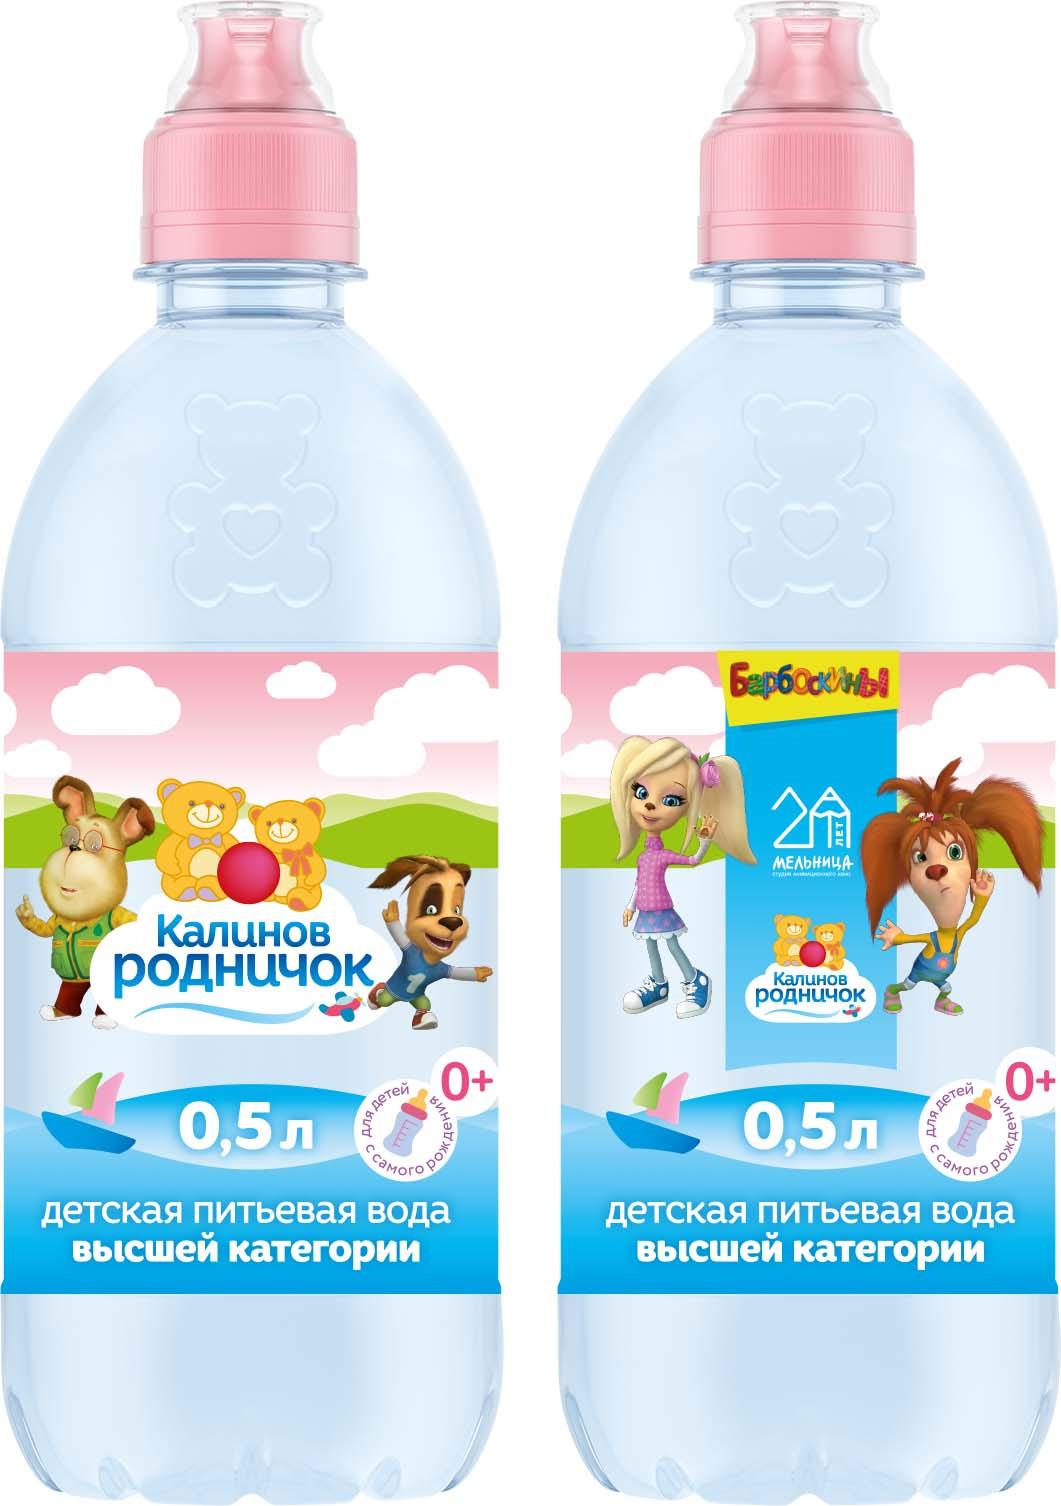 Вода Калинов Родничок для детей с дозатором, 12 шт х 0,5 л вода калинов родничок для детей 6 шт по 2 0 л